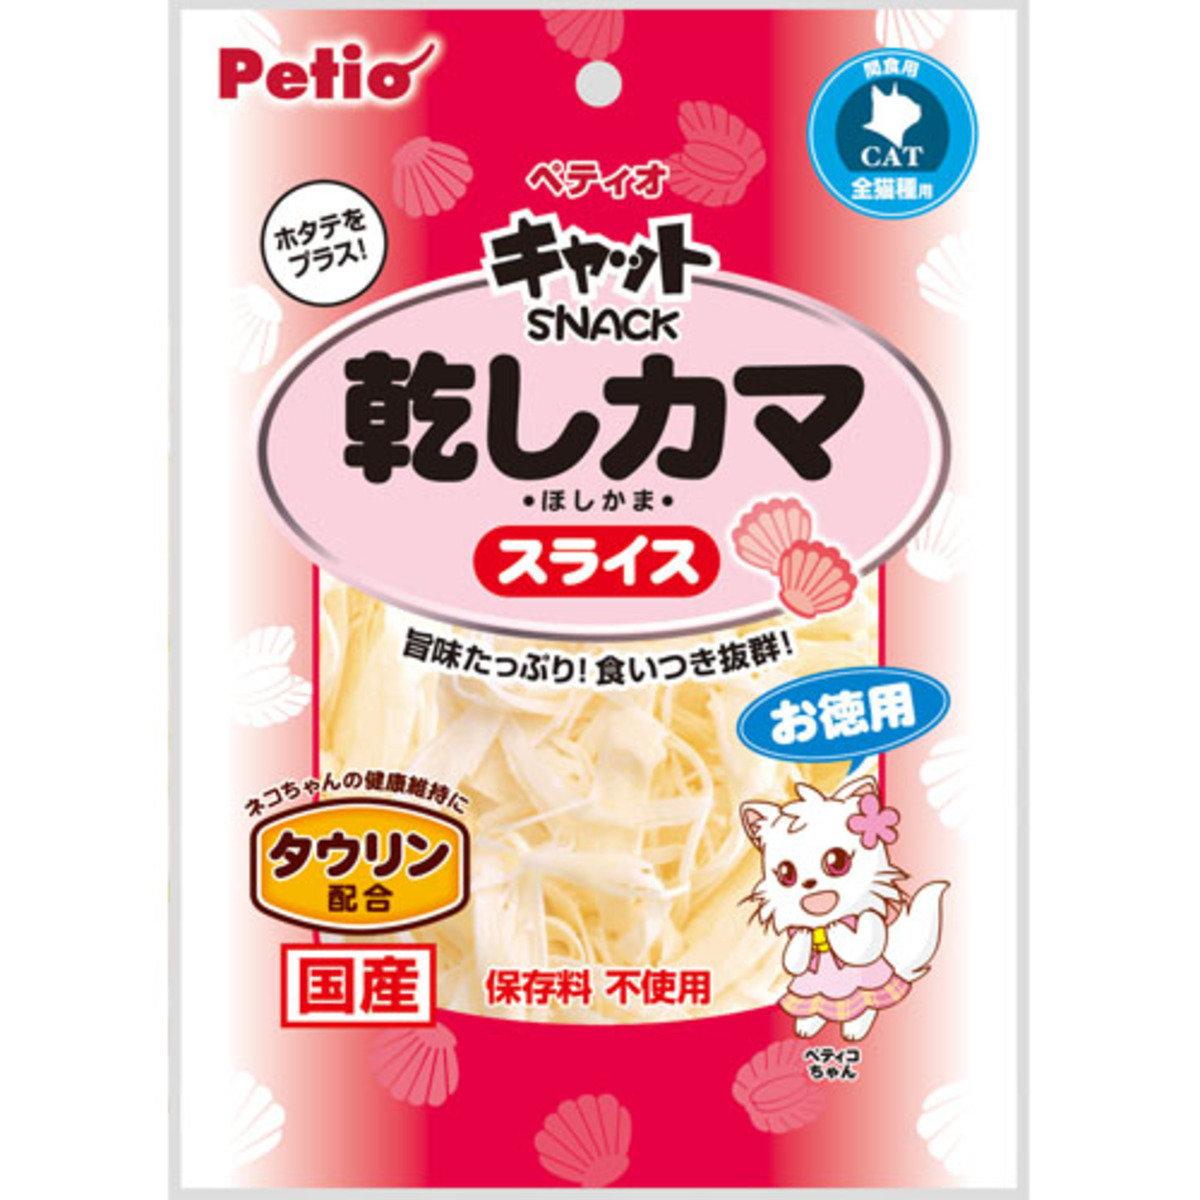 貓小食白身魚絲(原味)(W12585)(賞味期限 : 30/04/2017)